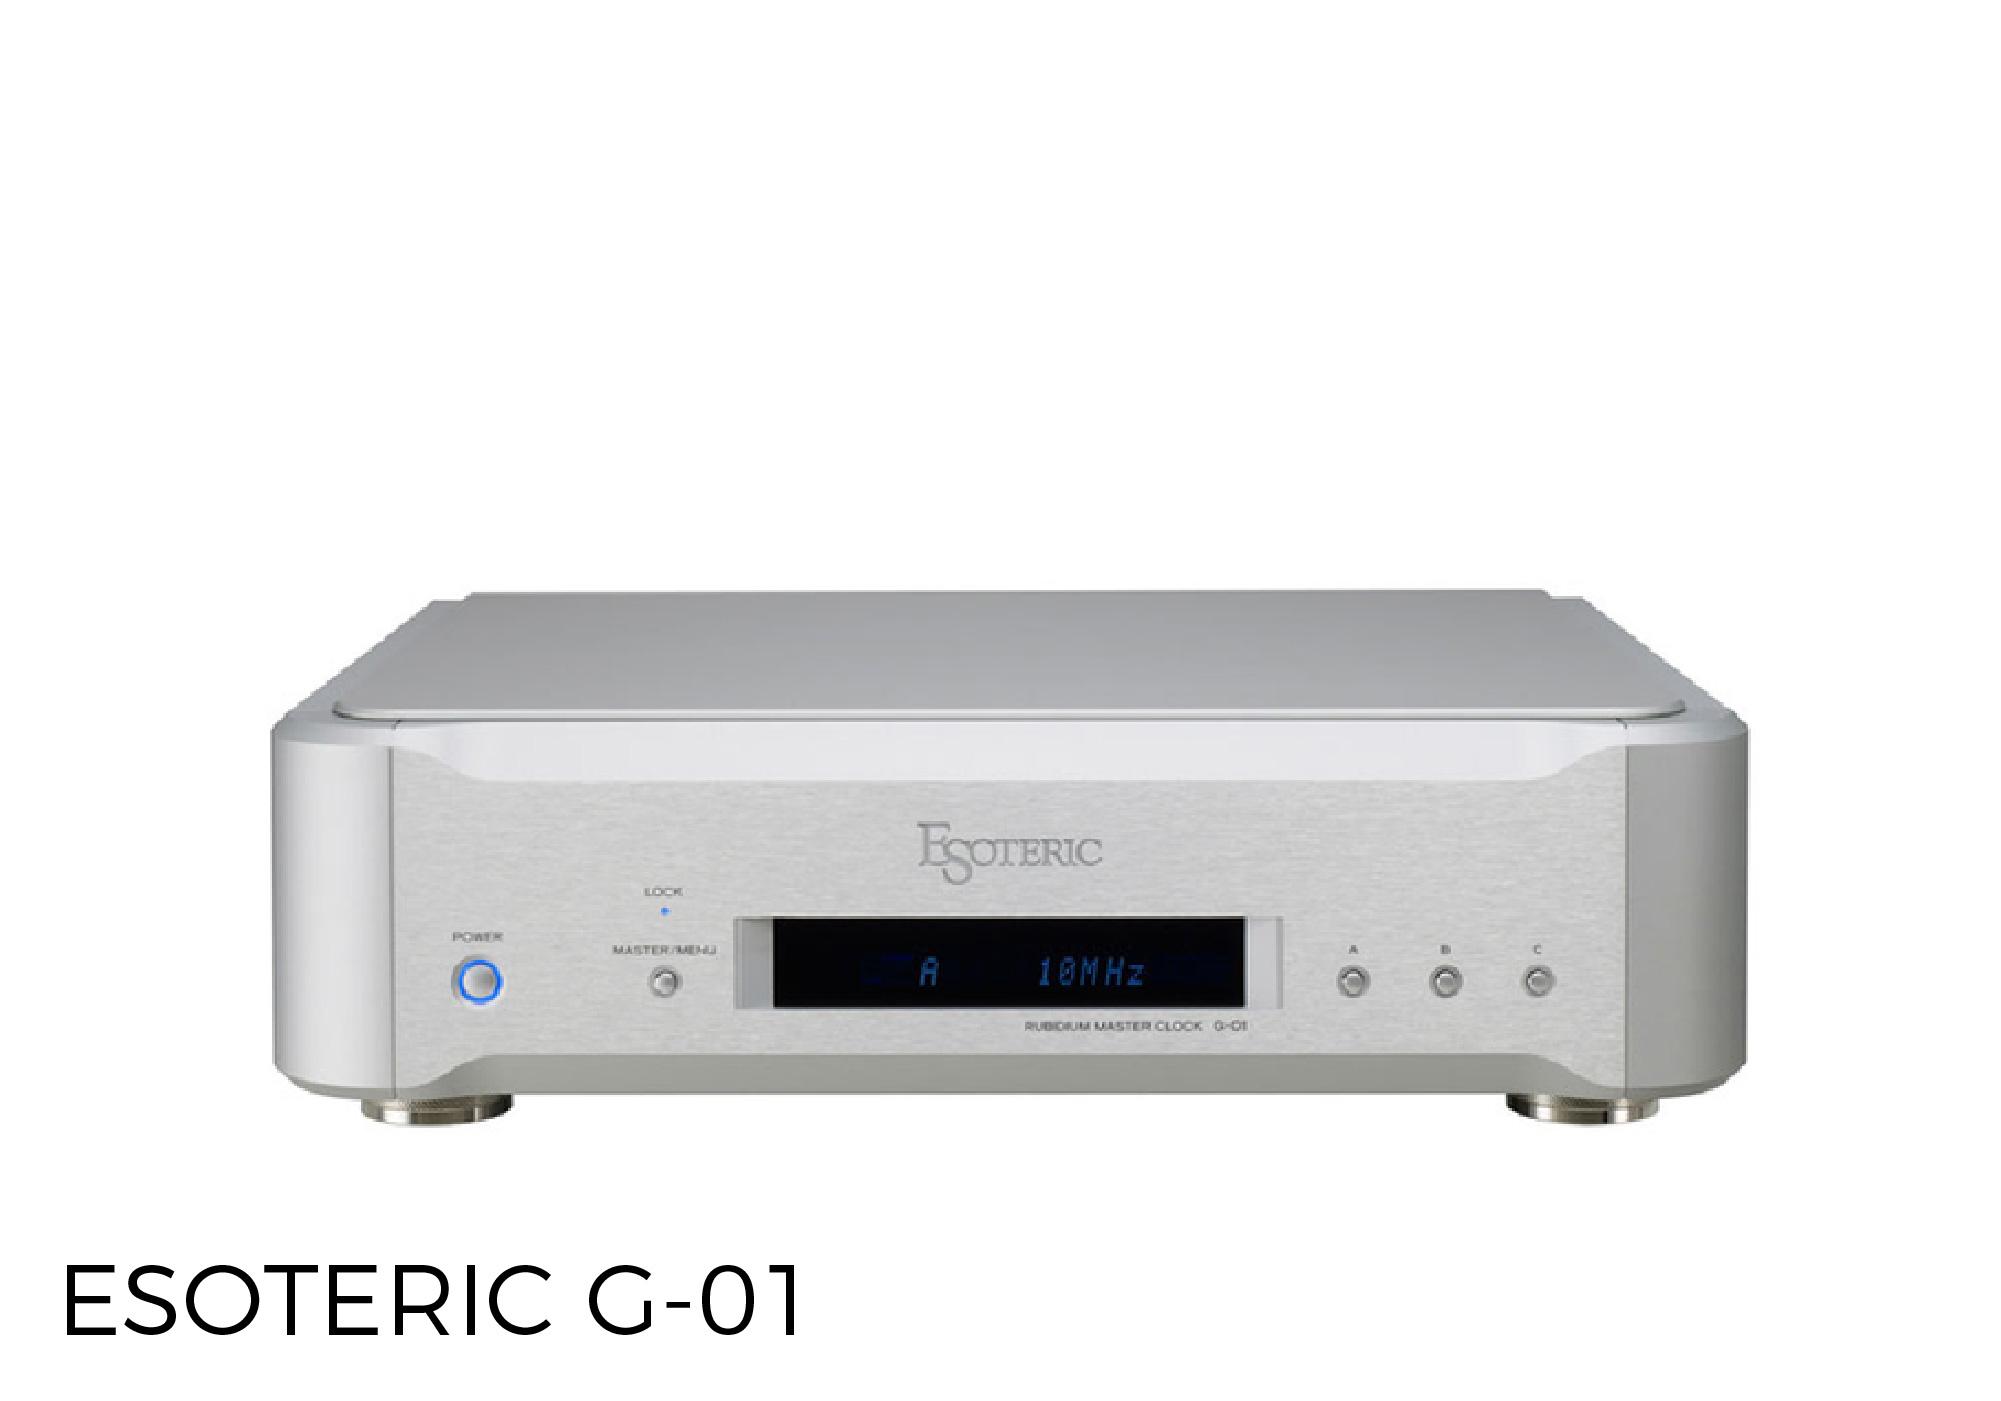 ESOTERIC G-01 DONG THANH HOA PHUC